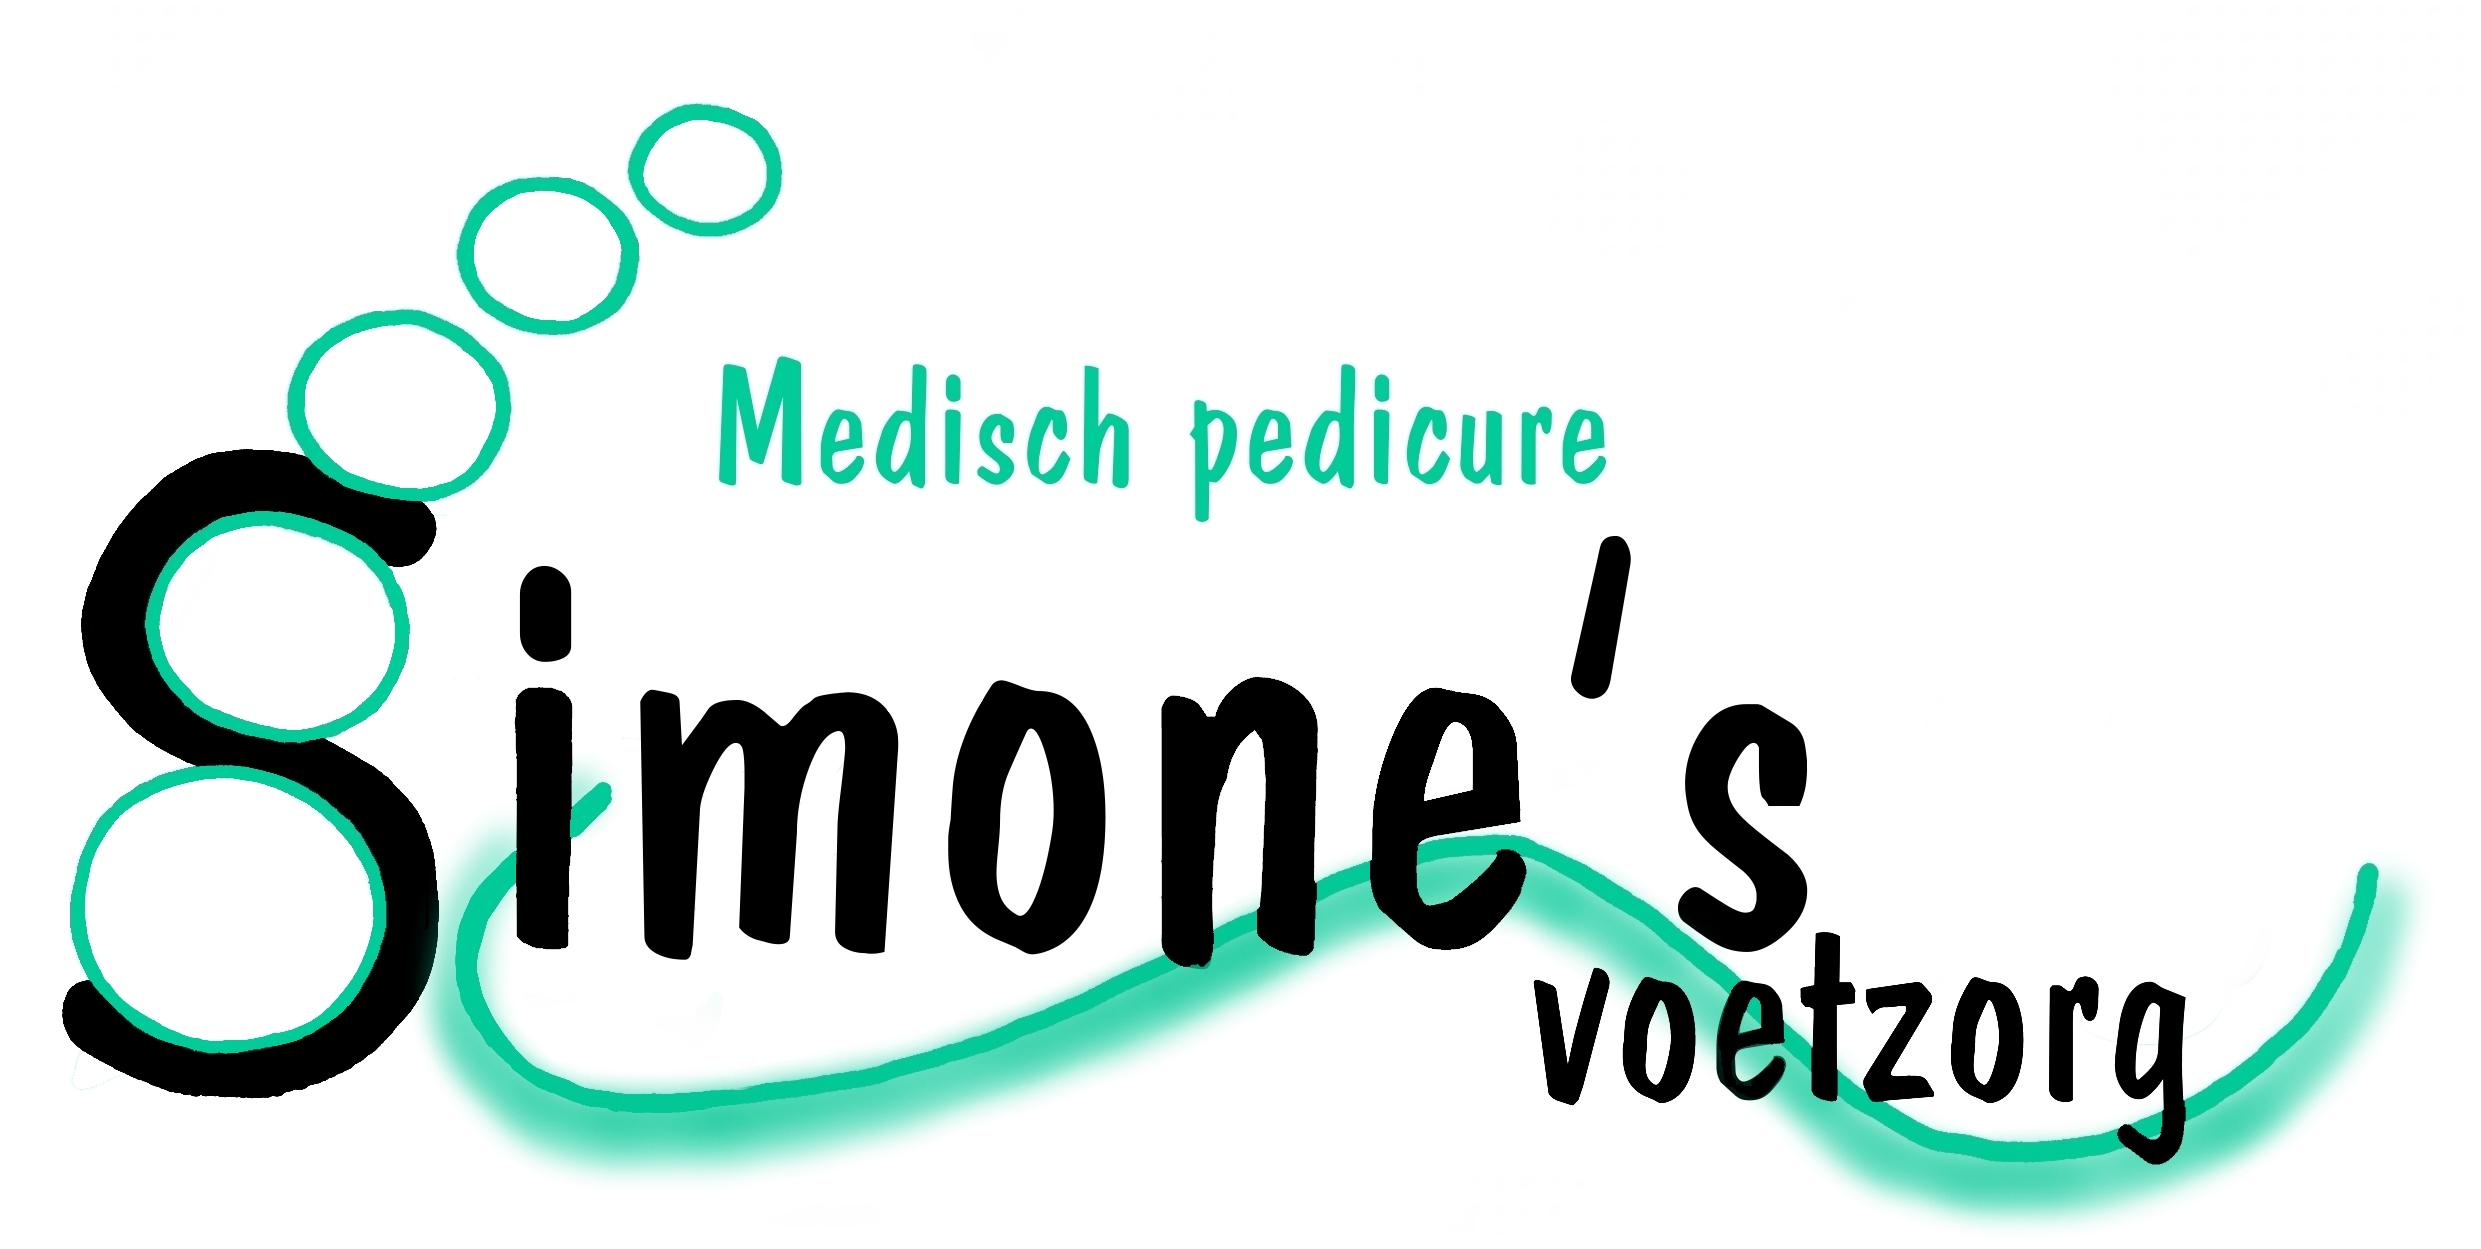 Simone's Voetzorg